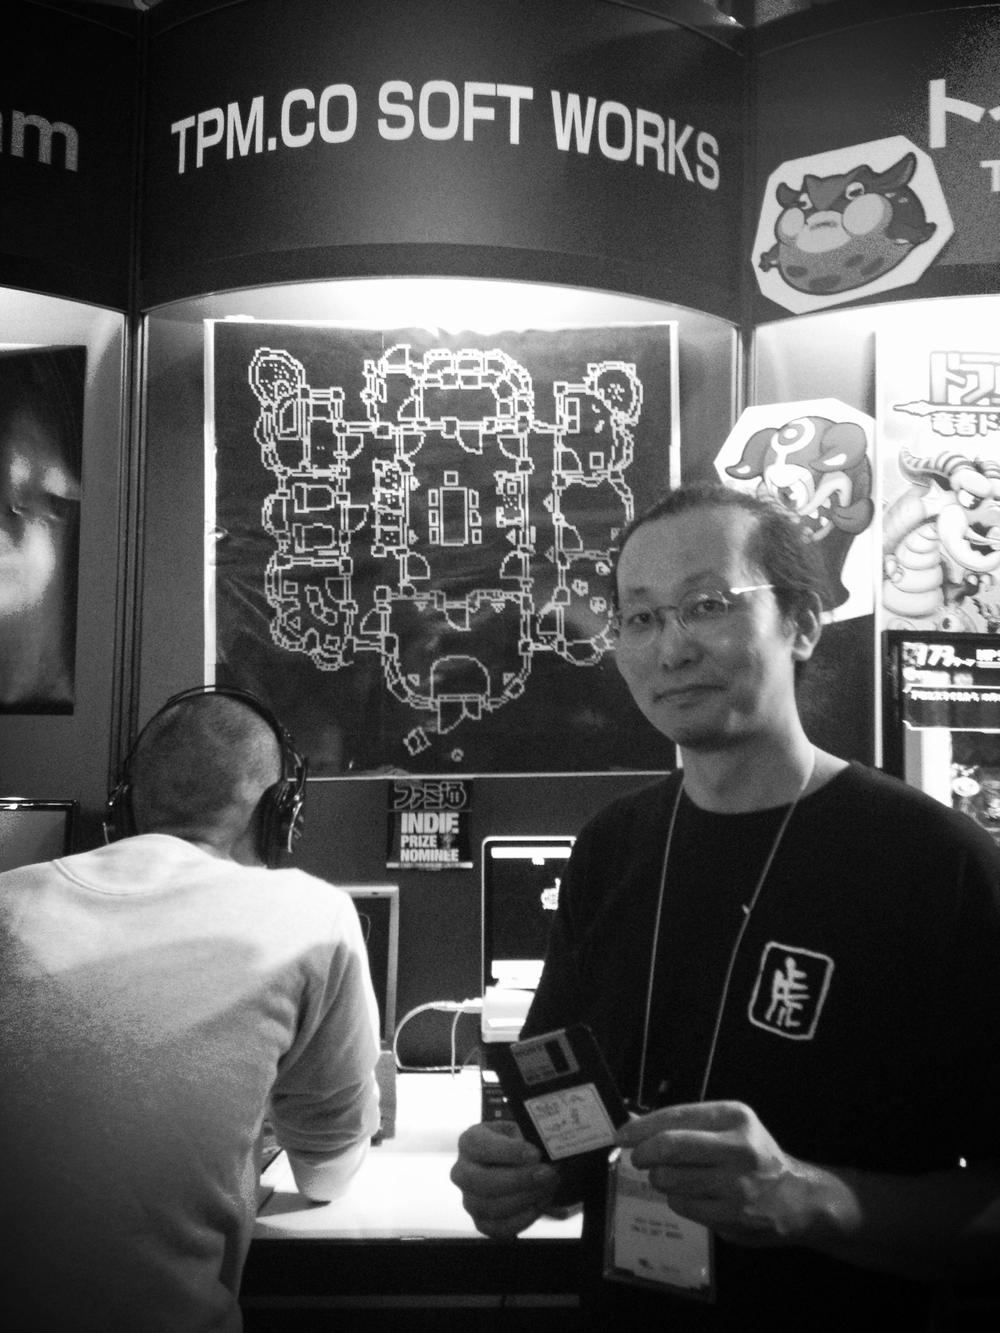 Togo-san, desenvolvedor do TAROTICA VOO DOO segurando um disquete contendo seu jogo.